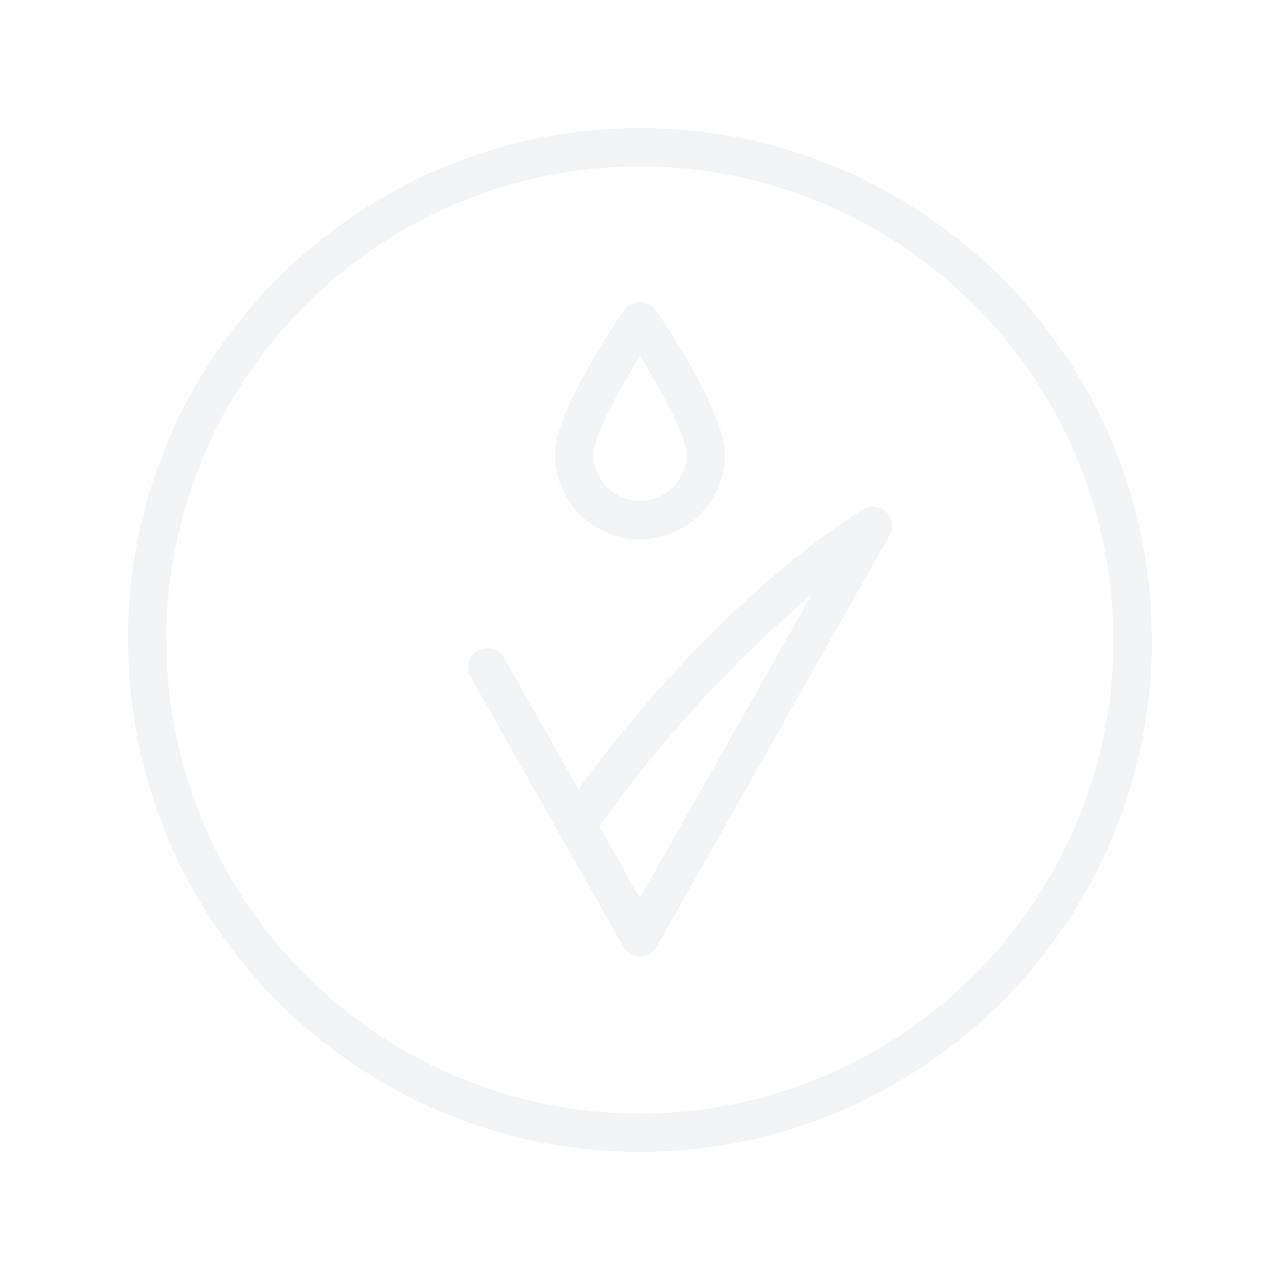 PACO RABANNE Lady Million Lucky 80ml Eau De Parfum Gift Set